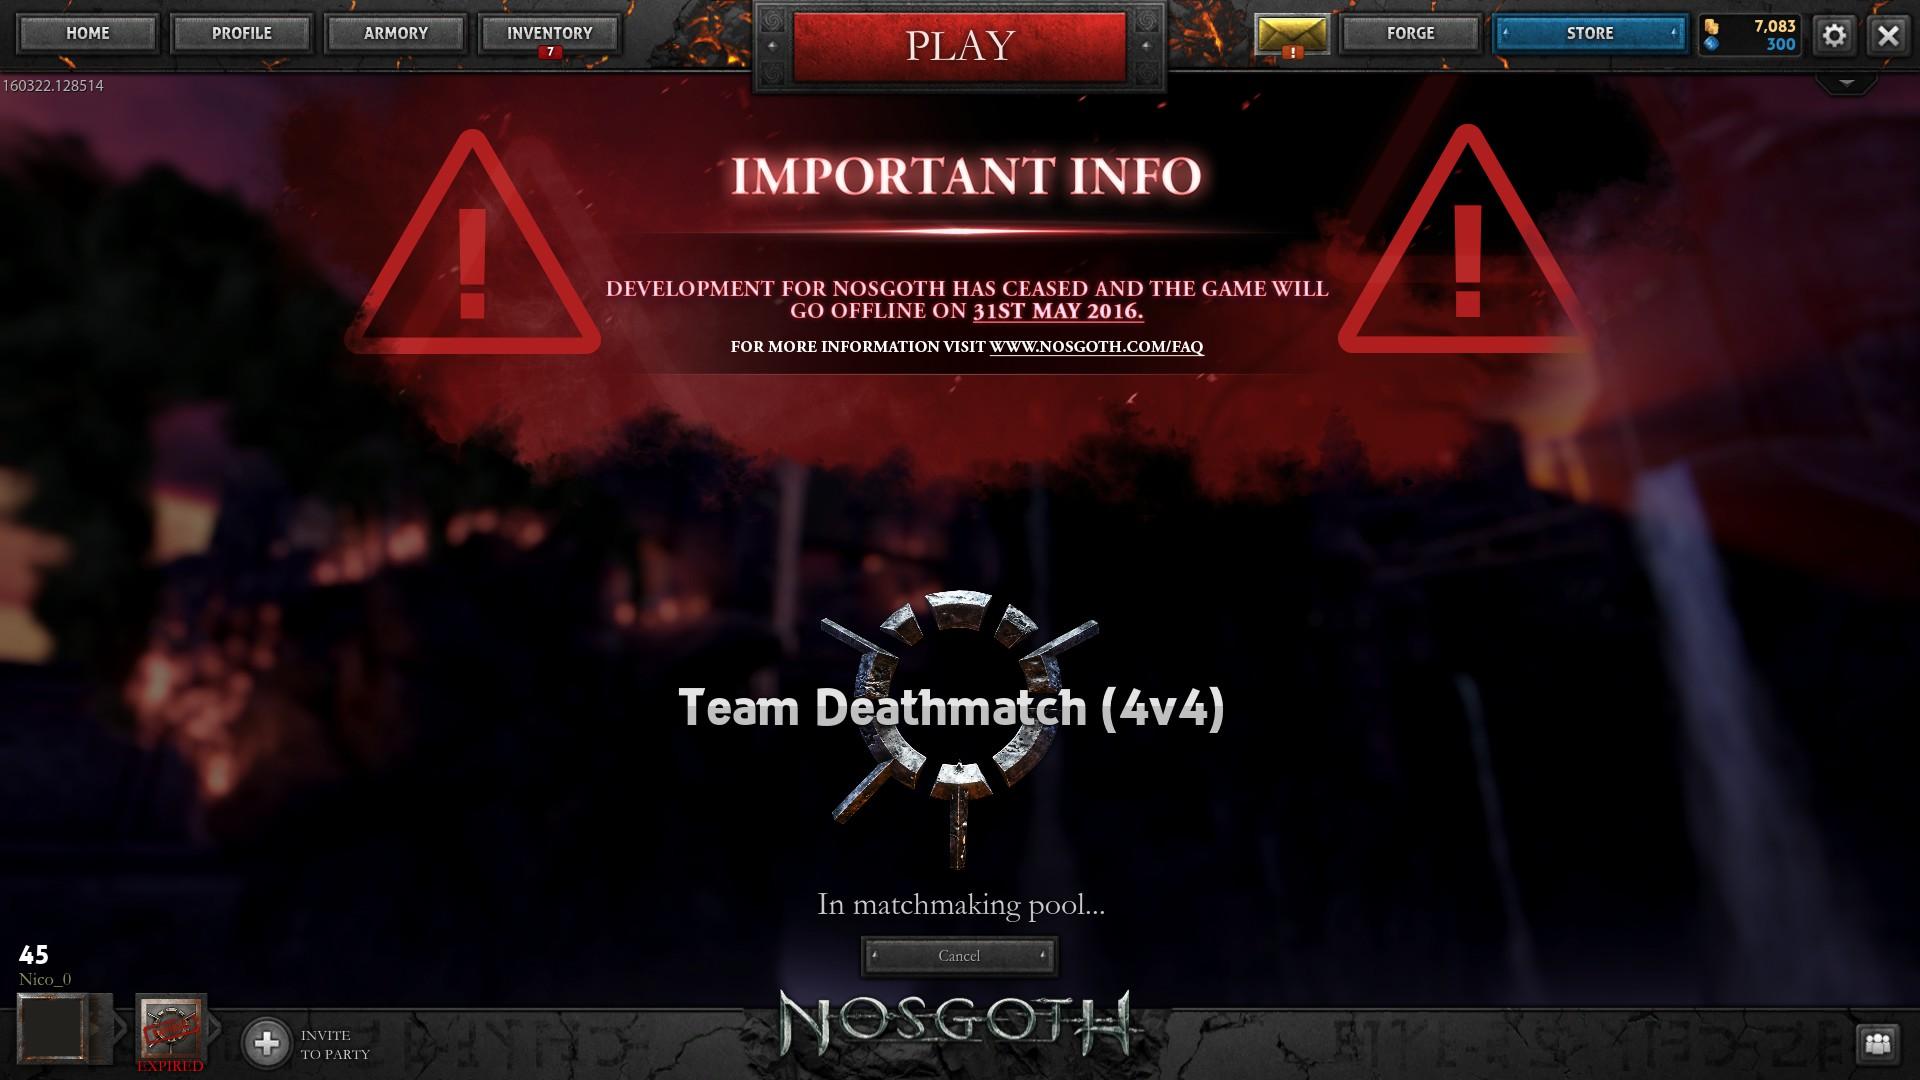 Nosgoth matchmaking pool